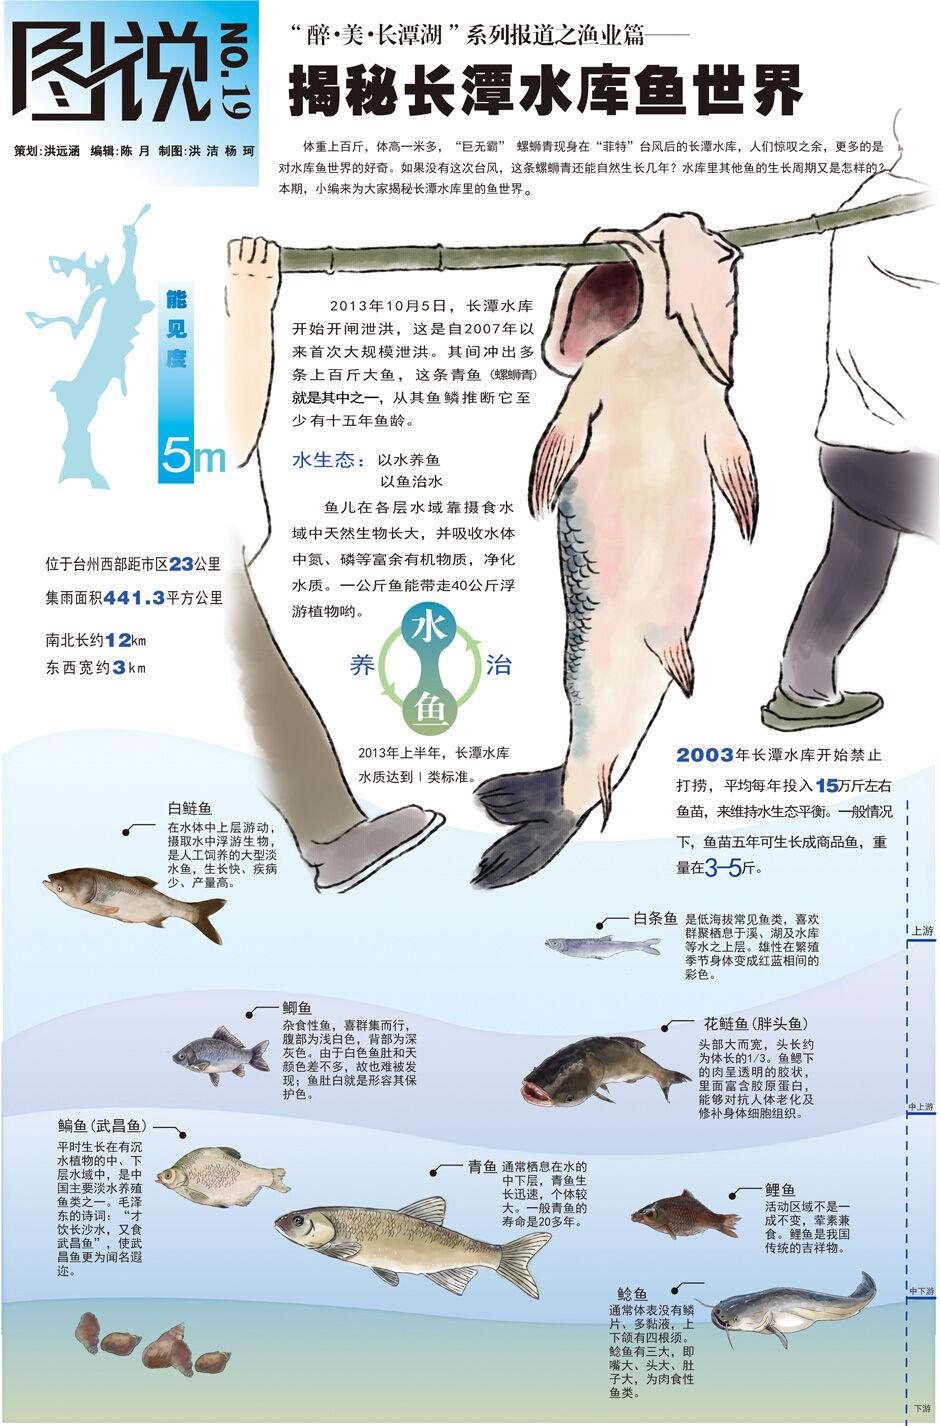 【第19期】揭秘长潭水库鱼世界